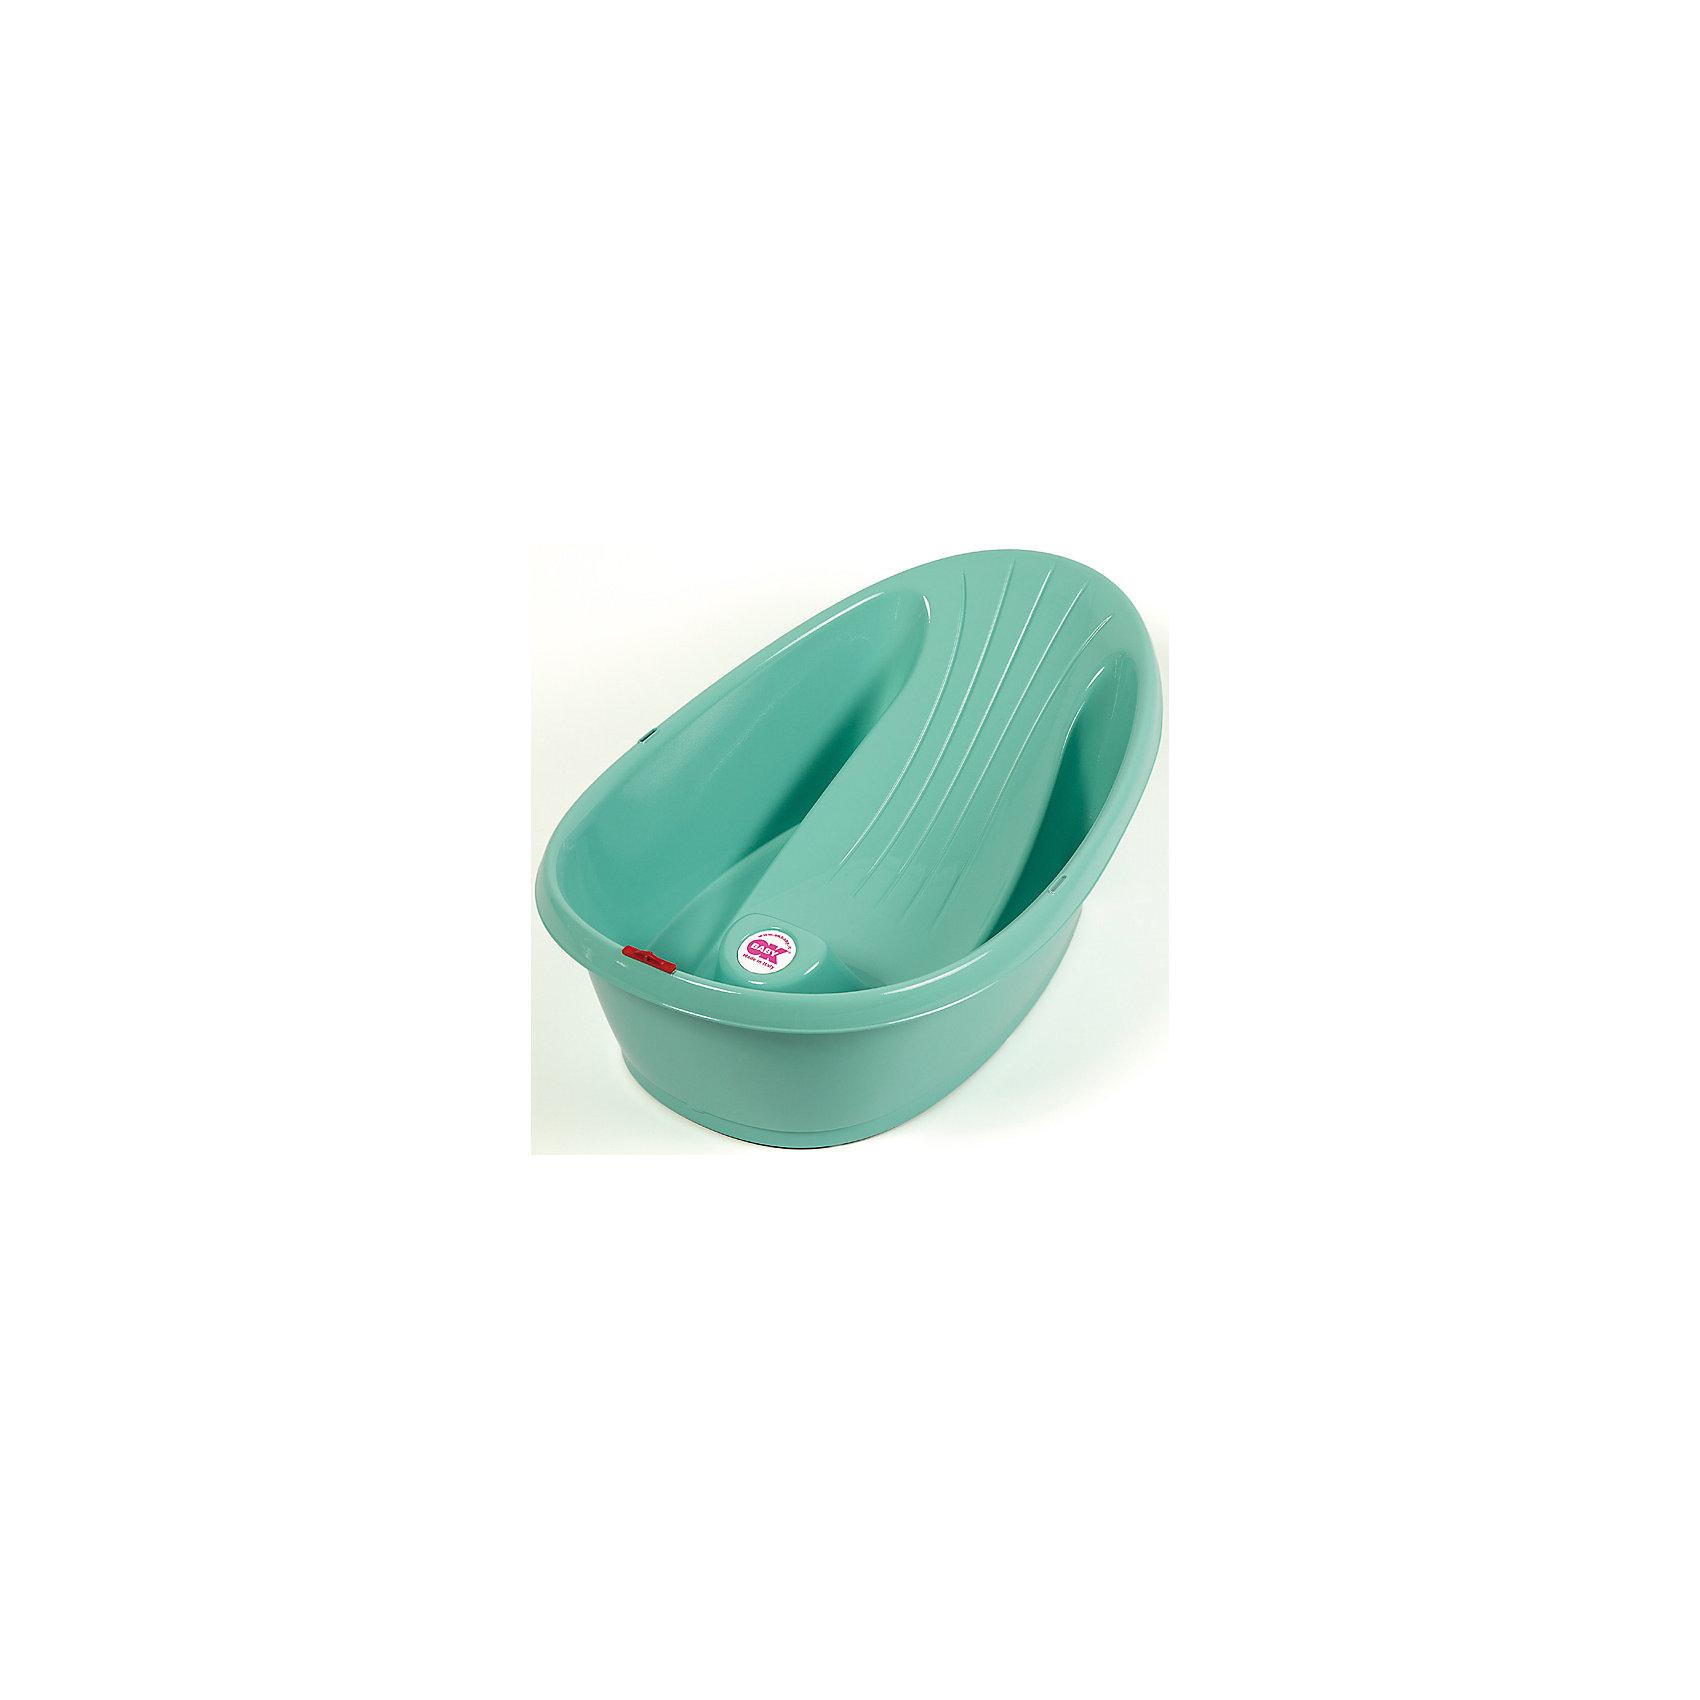 Ванночка Onda, Ok Baby, зеленыйВанны, горки, сиденья<br>Ванночка Onda подарит малышам безопасное и комфортное купание. Ванночка удерживает кроху в идеальном для купания положение, не позволяя ему соскользнуть под воду. Противоскользящие резиновые колпачки обеспечивают устойчивость на плоских поверхностях. Изделие выполнено из высококачественных экологичных материалов безопасных для детей. <br><br>Дополнительная информация:<br><br>- Материал: пластик.<br>- Размер: 42х24х63 см. <br>- Максимальный объем: 16 л.<br>- Возможна установка на большую ванну (при наличии крепления).<br>- Эргономичный дизайн<br>- Компактная и легкая.<br>- Встроенный термометр.<br>- Индикатор максимального уровня воды.<br>- Пробка для слива воды.<br><br>Ванночку Onda, Ok Baby, зеленую, можно купить в нашем магазине.<br><br>Ширина мм: 630<br>Глубина мм: 420<br>Высота мм: 240<br>Вес г: 2500<br>Возраст от месяцев: 0<br>Возраст до месяцев: 12<br>Пол: Унисекс<br>Возраст: Детский<br>SKU: 4443731